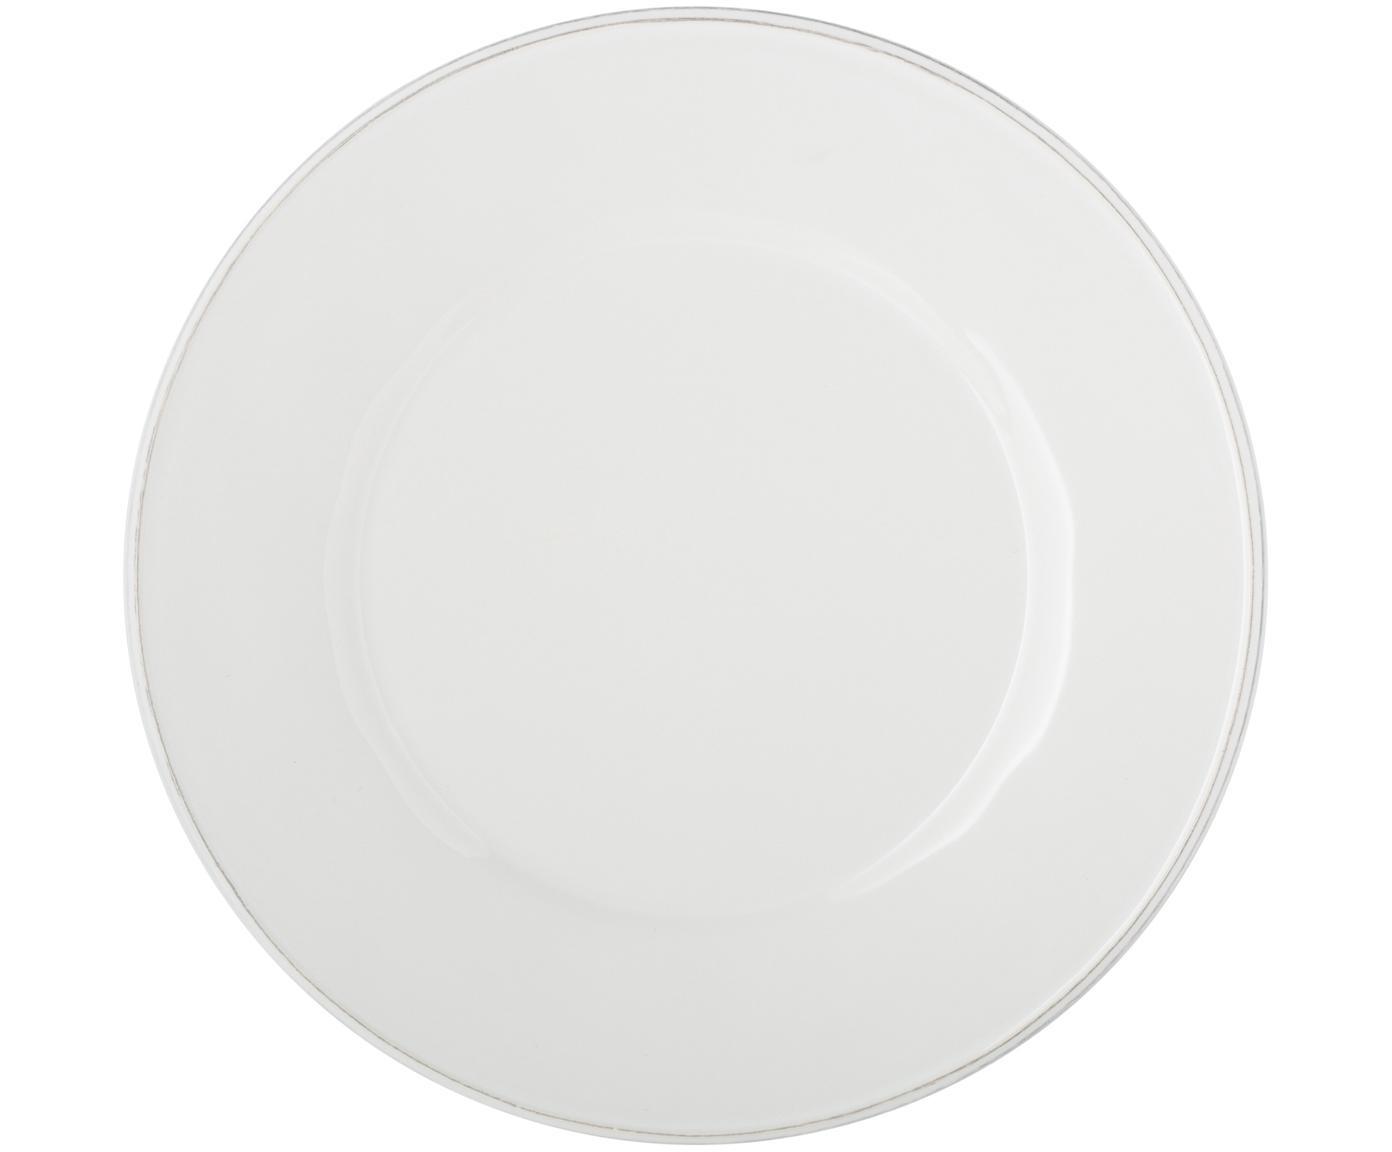 Piatto piano bianco Constance 2 pz, Terracotta, Bianco, Ø 29 cm